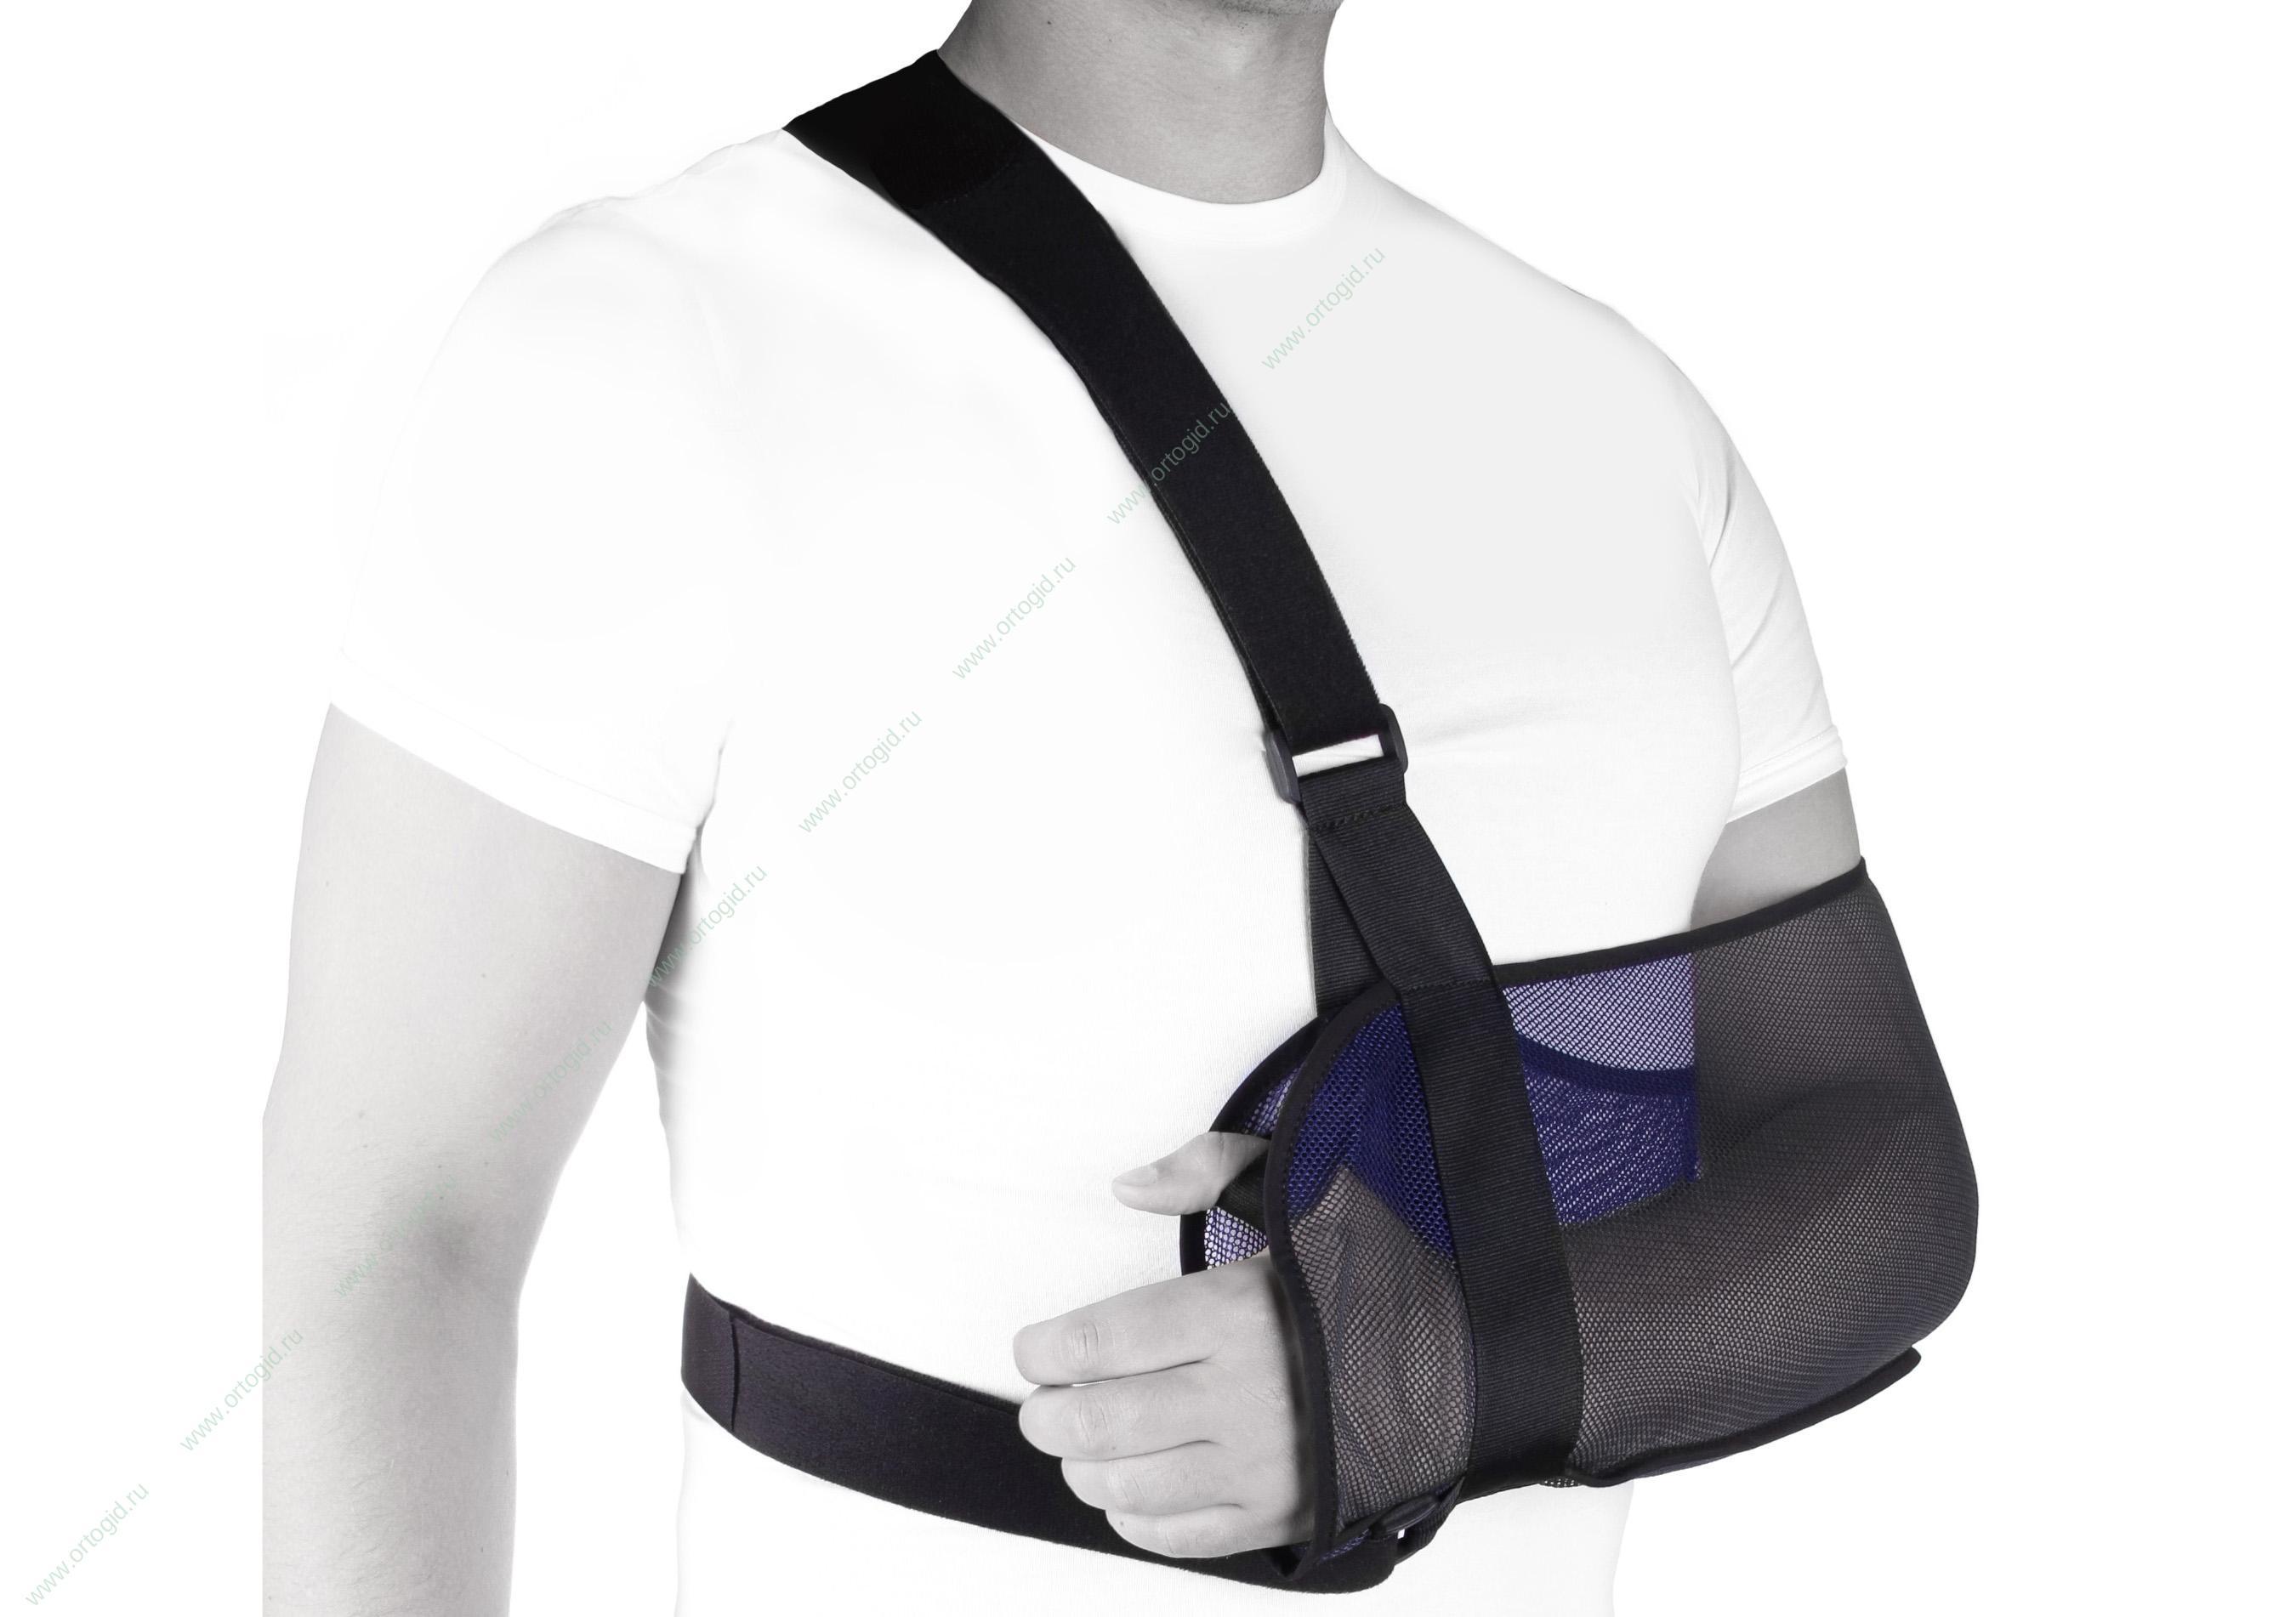 Бандаж на плечевой сустав косыночный анатомический атлас височно-нижнечелюстного сустава скачать